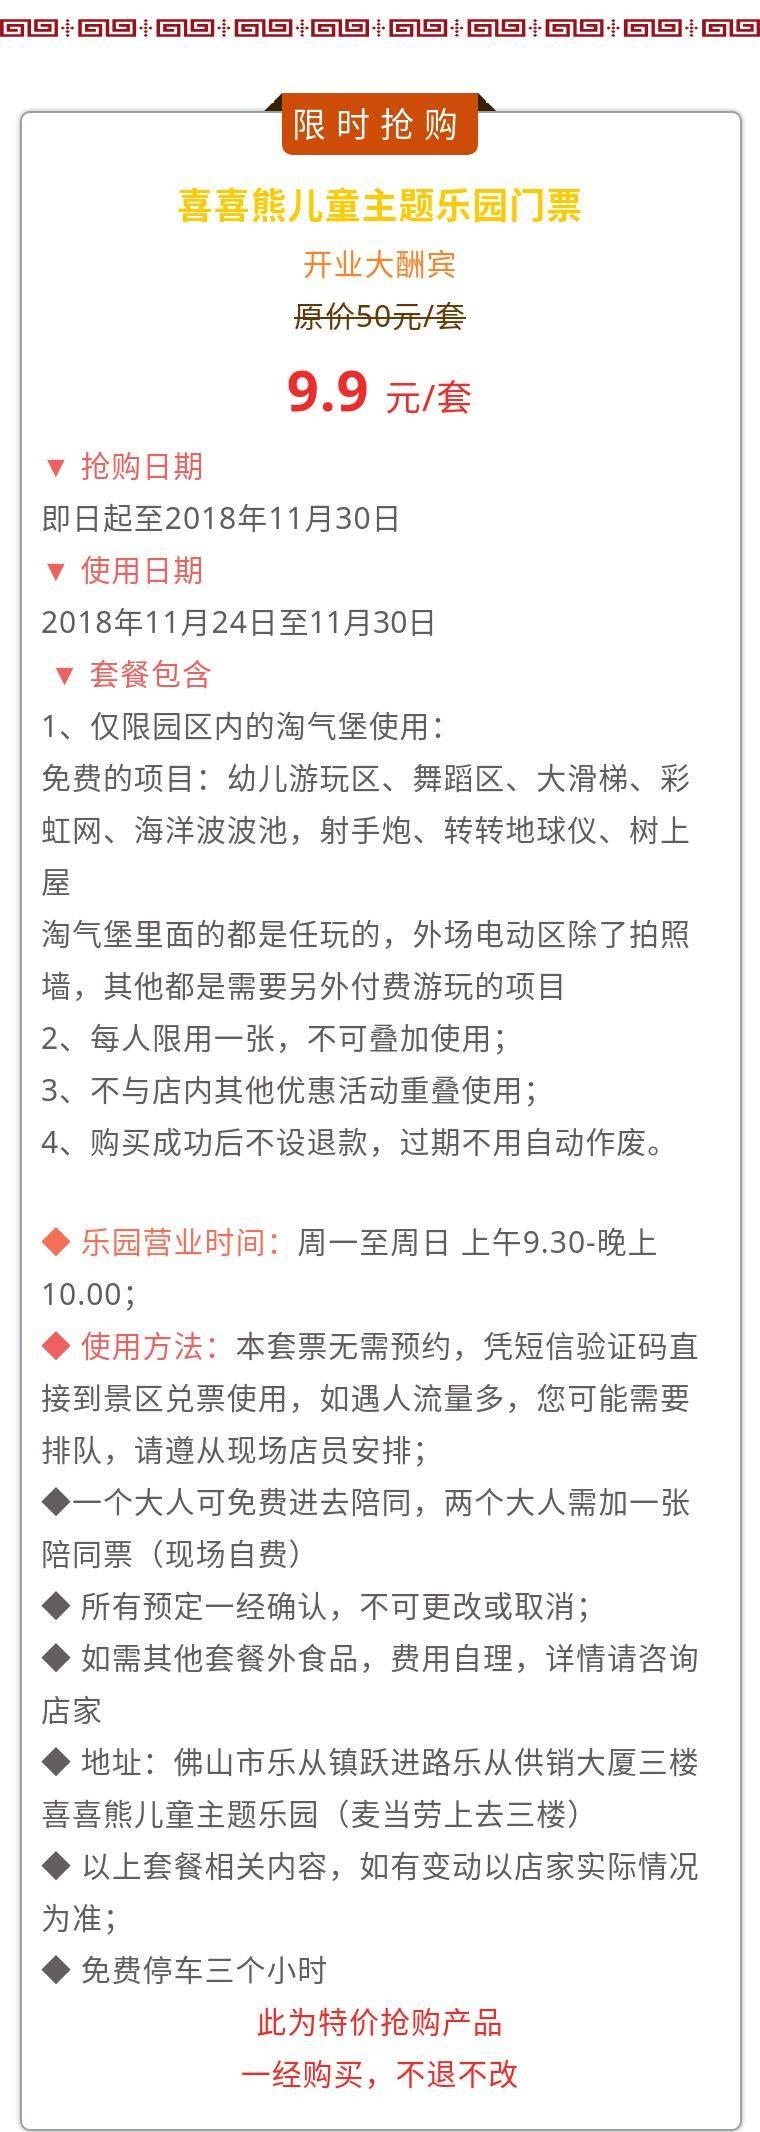 【广东佛山】喜喜熊儿童主题乐园盛大开业~钜惠门票全天任玩仅需9.9元